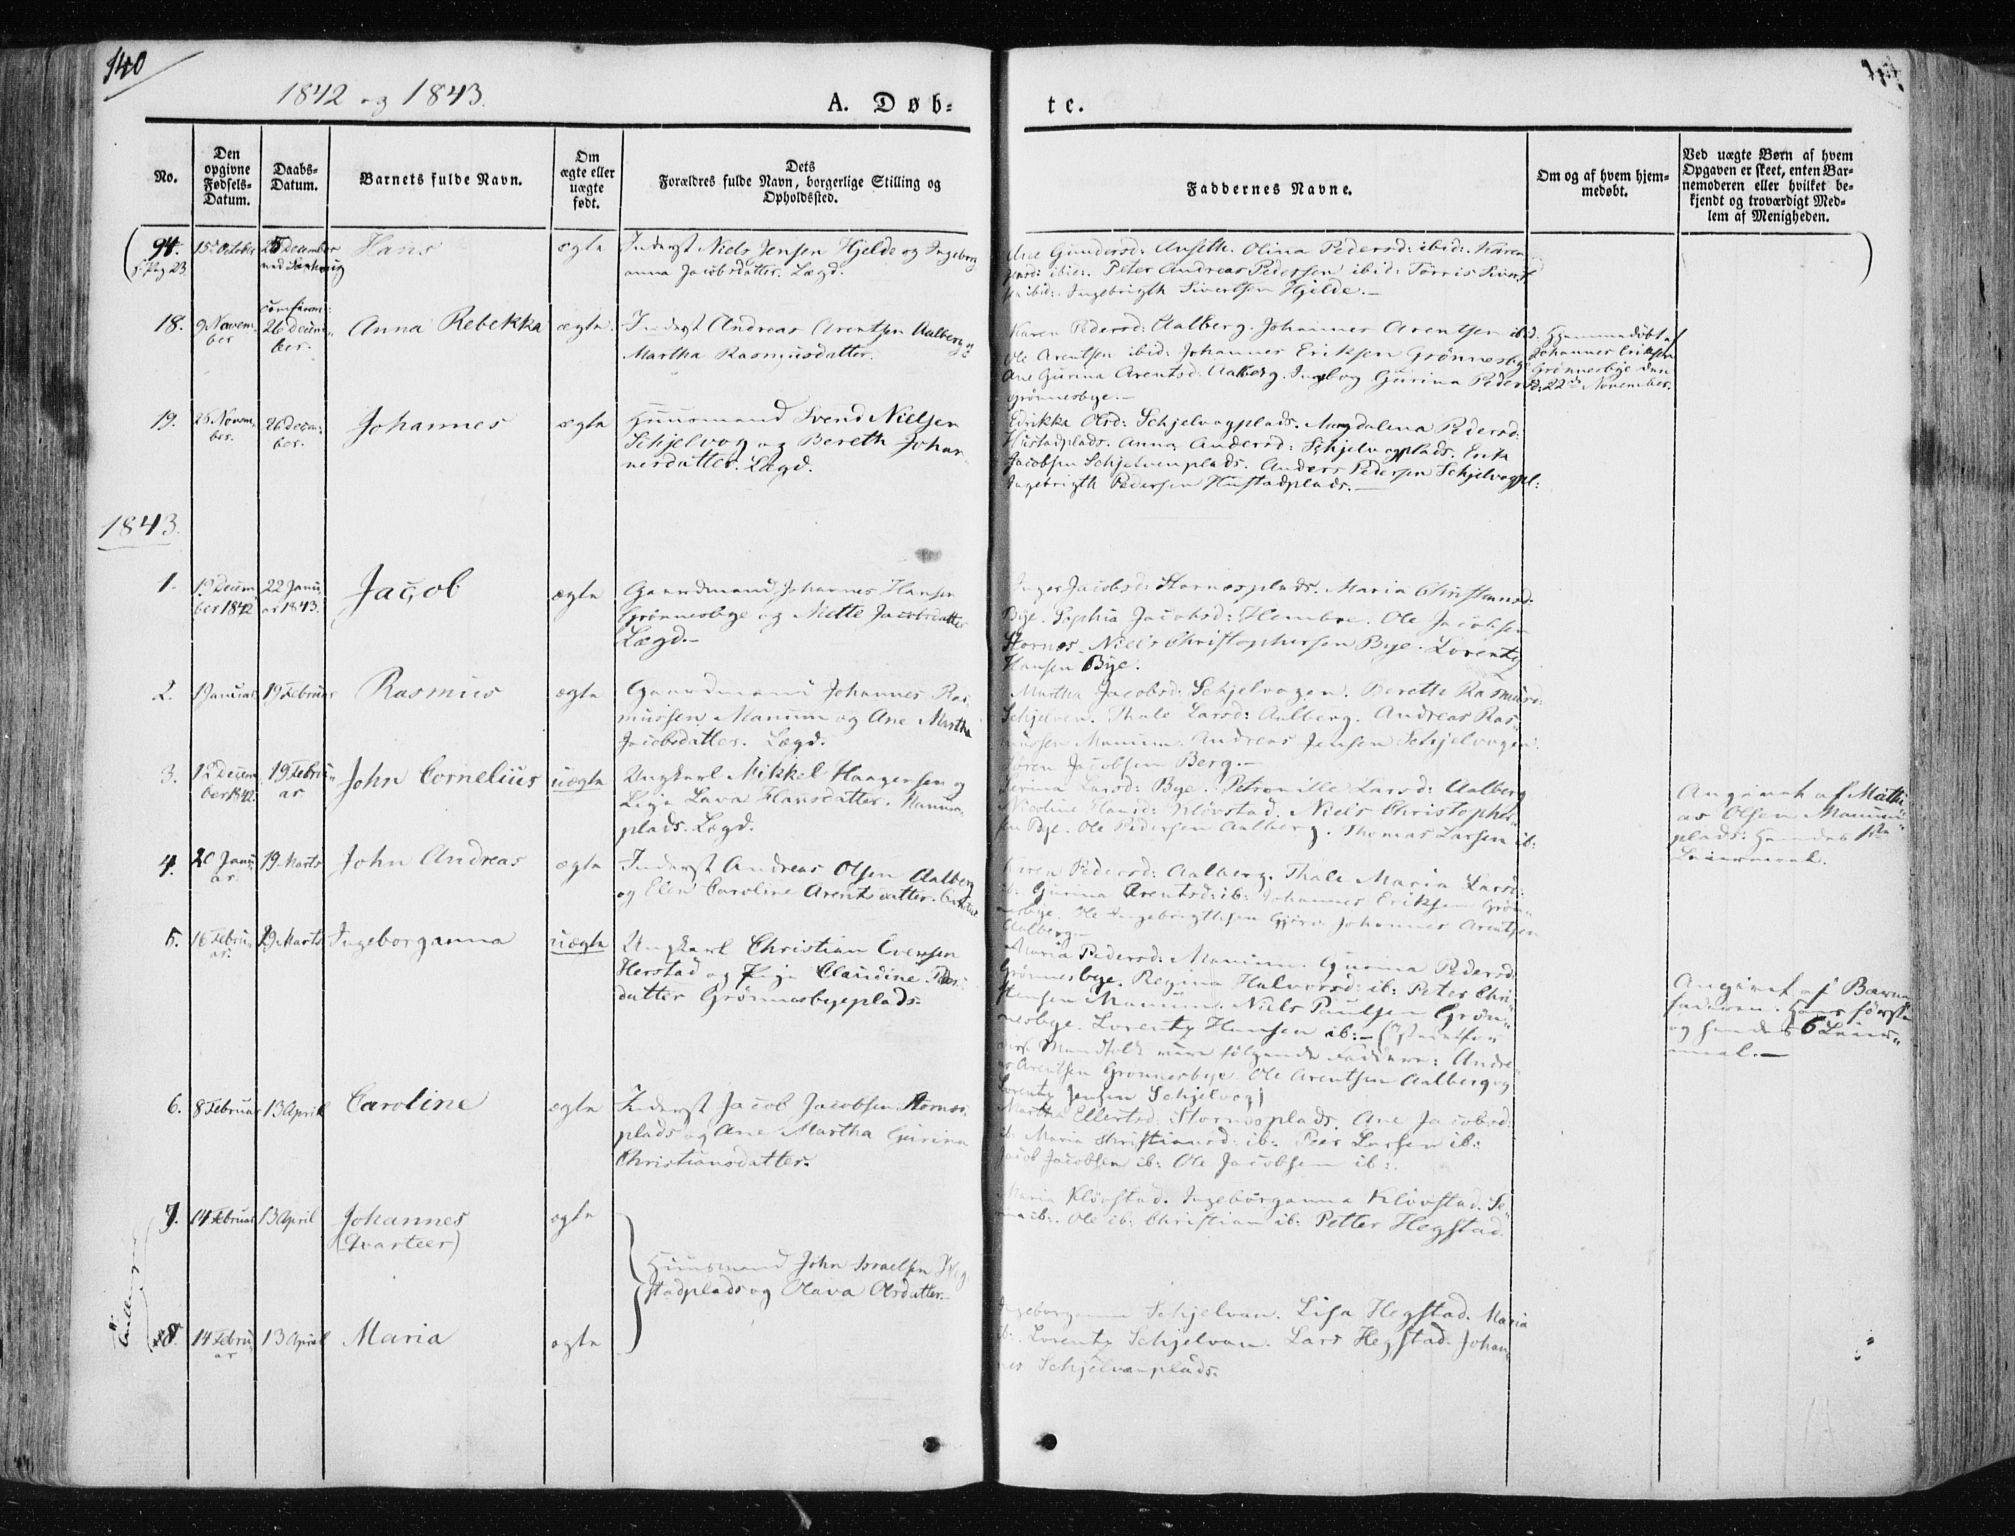 SAT, Ministerialprotokoller, klokkerbøker og fødselsregistre - Nord-Trøndelag, 730/L0280: Ministerialbok nr. 730A07 /3, 1840-1854, s. 140